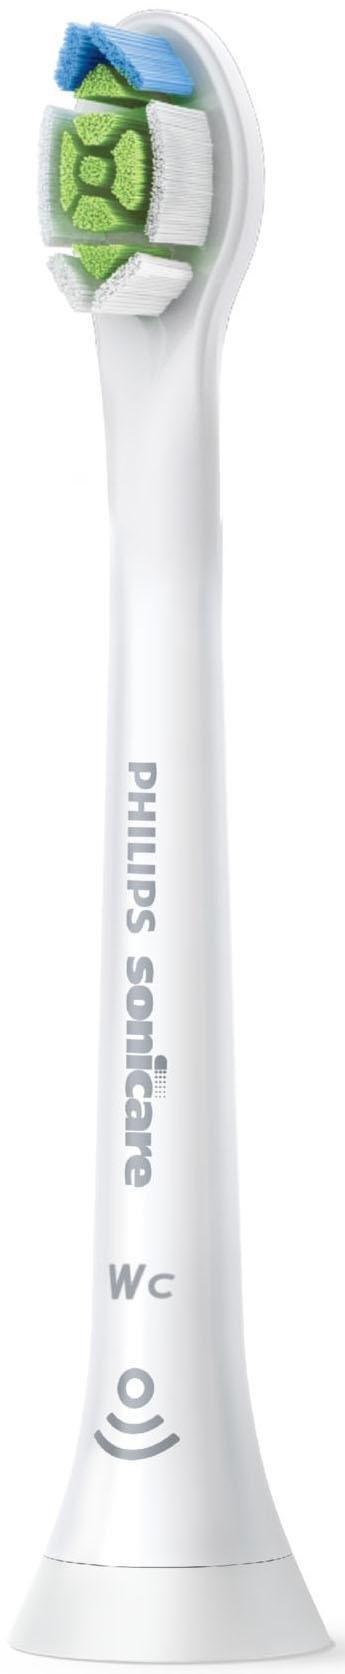 Philips Sonicare opzetborsteltjes HX6074/27 Optimal White Mini nu online kopen bij OTTO